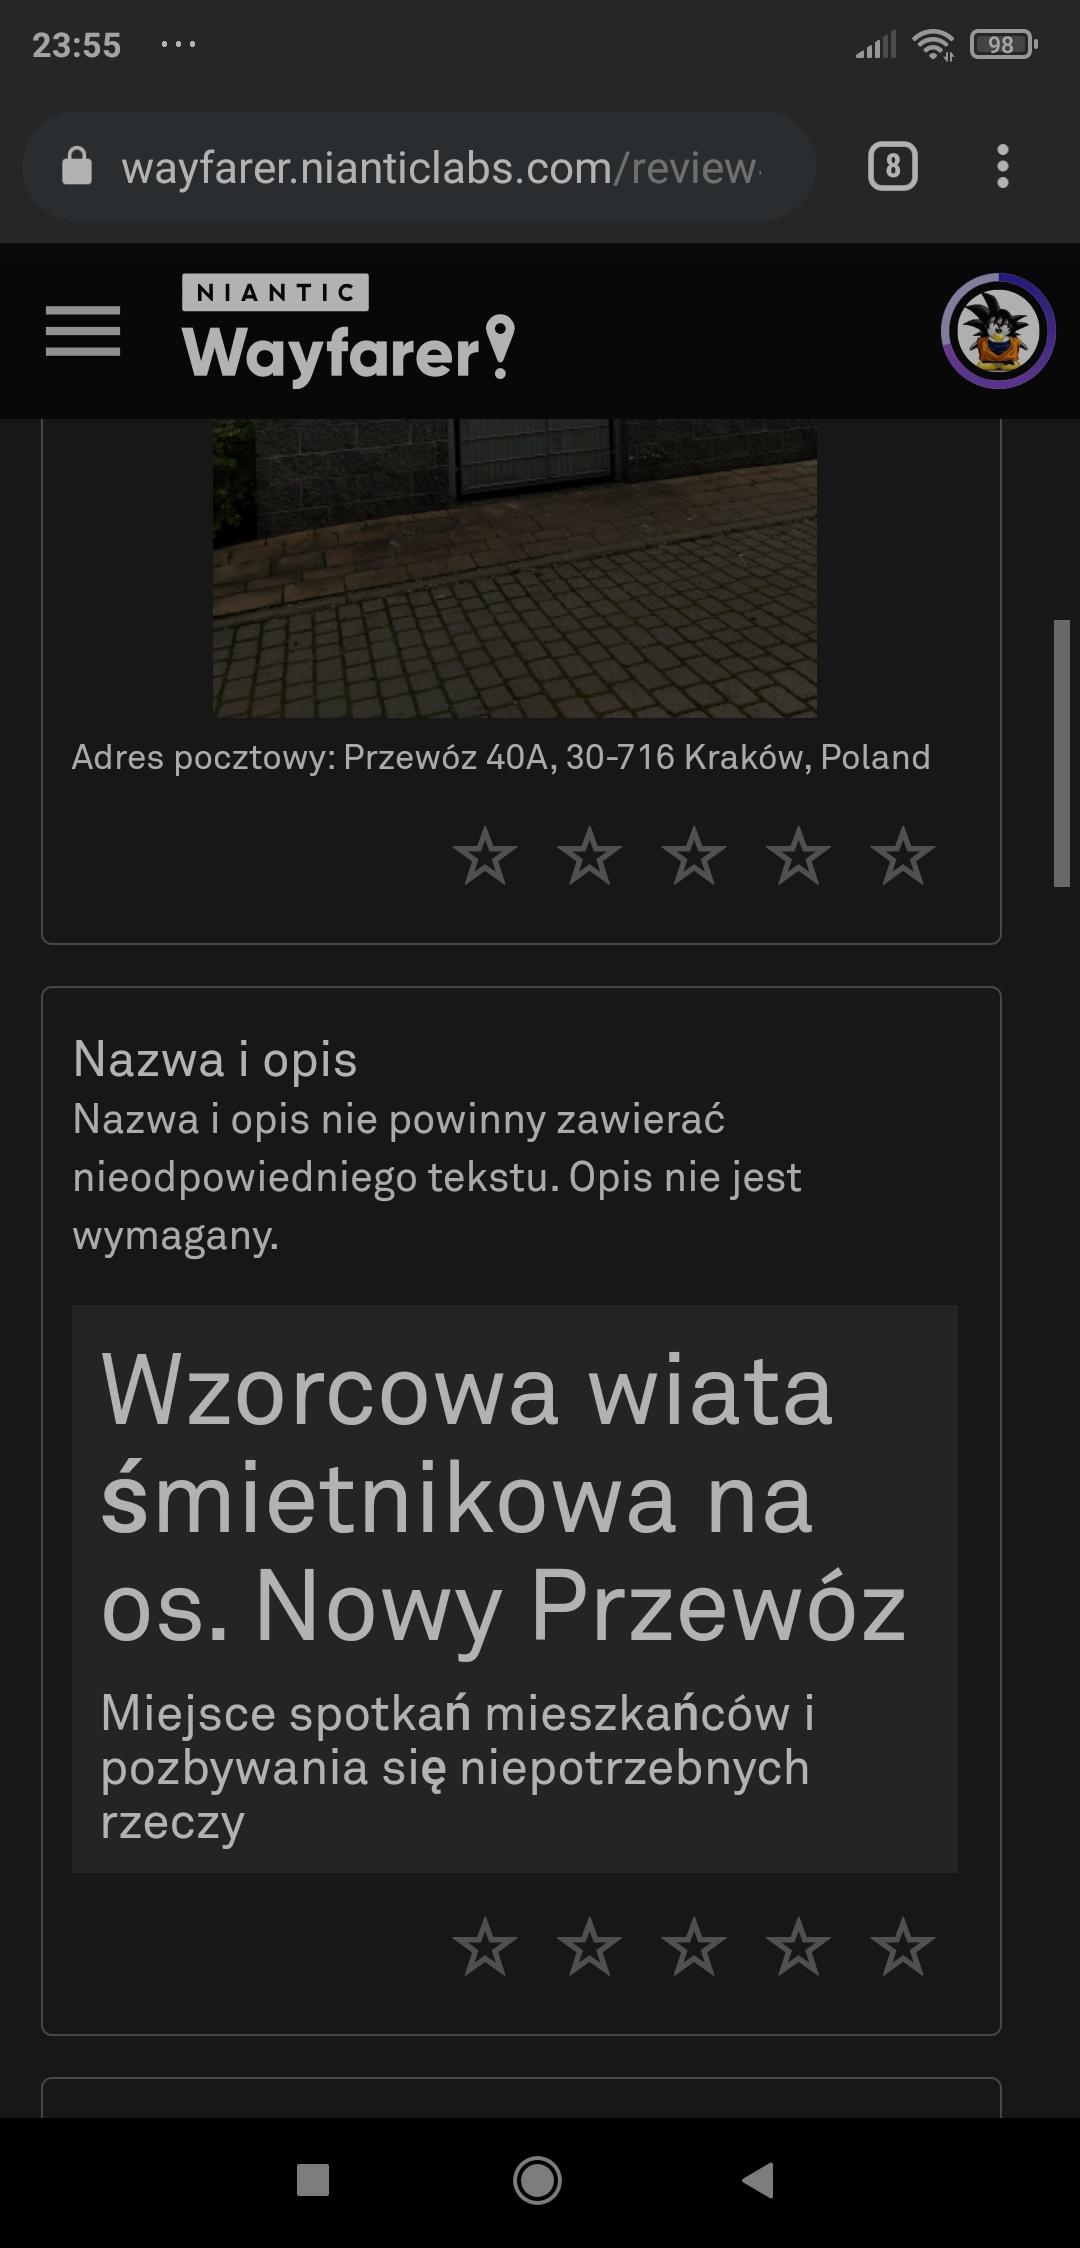 Screenshot_2020-11-19-23-55-19-618_com.android.chrome.jpg